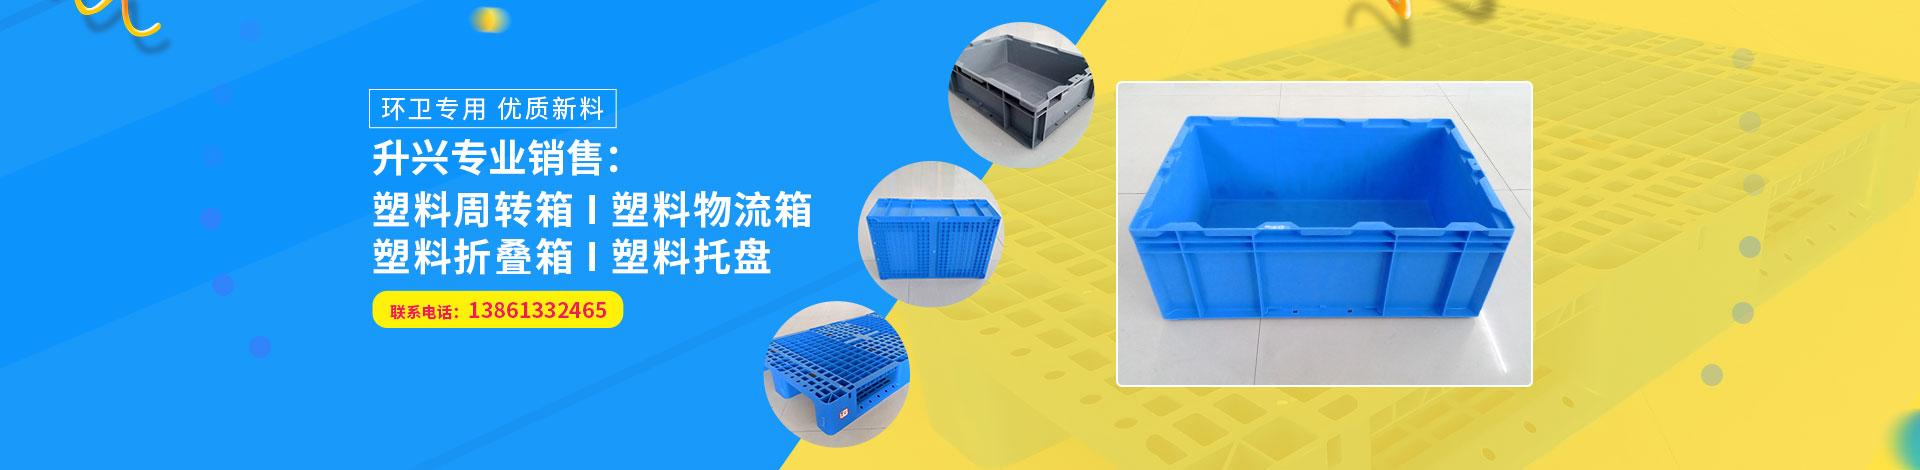 昆山市升兴塑料制品有限公司